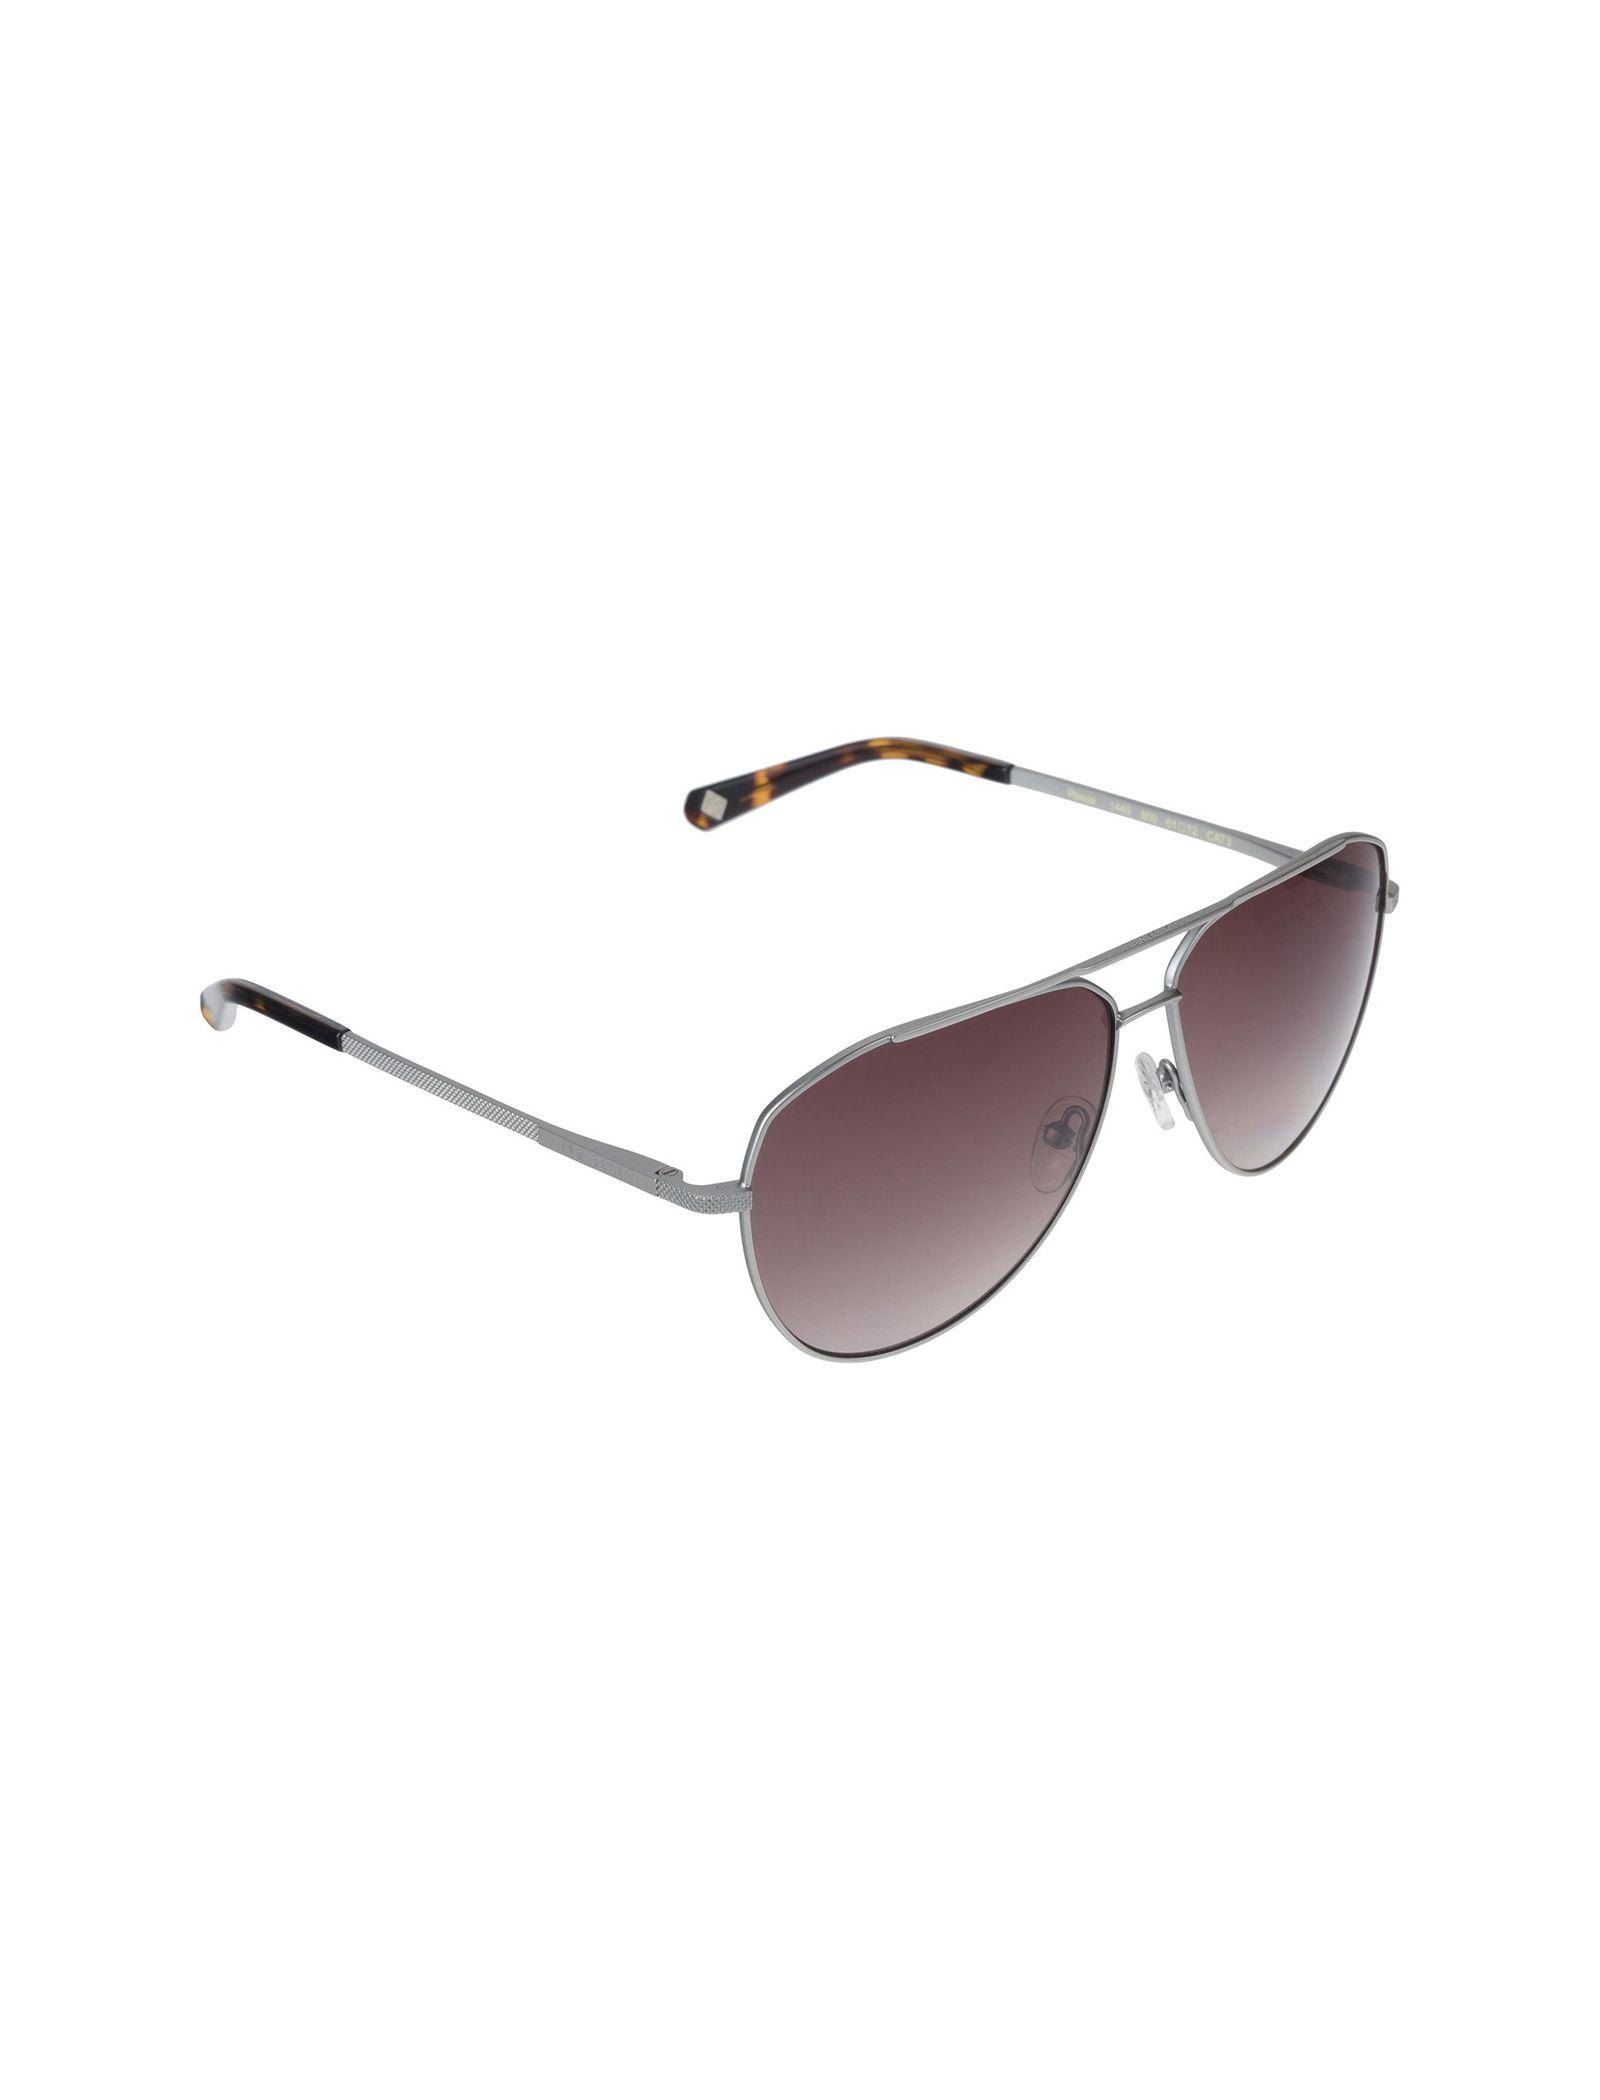 عینک آفتابی خلبانی بزرگسال - تد بیکر - نقره اي - 2